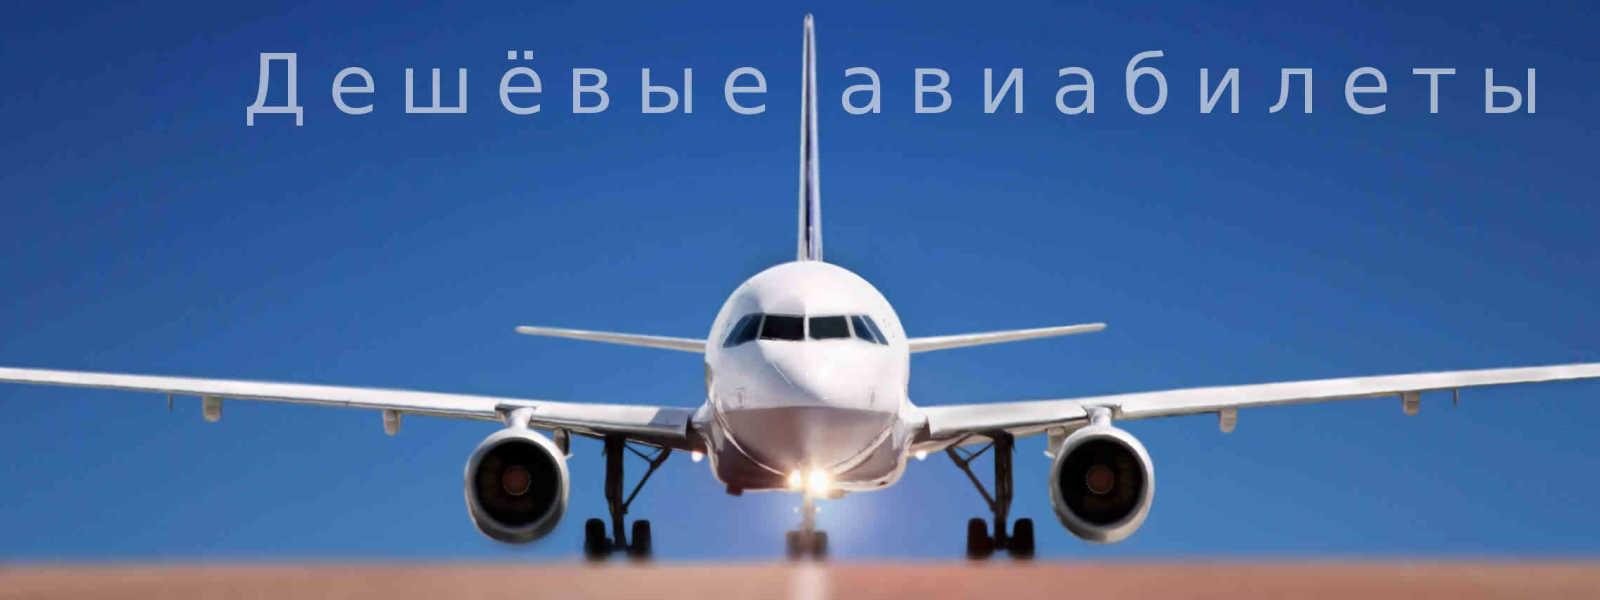 Купить билет махачкала москва на самолет недорого цена на памятники с установкой л